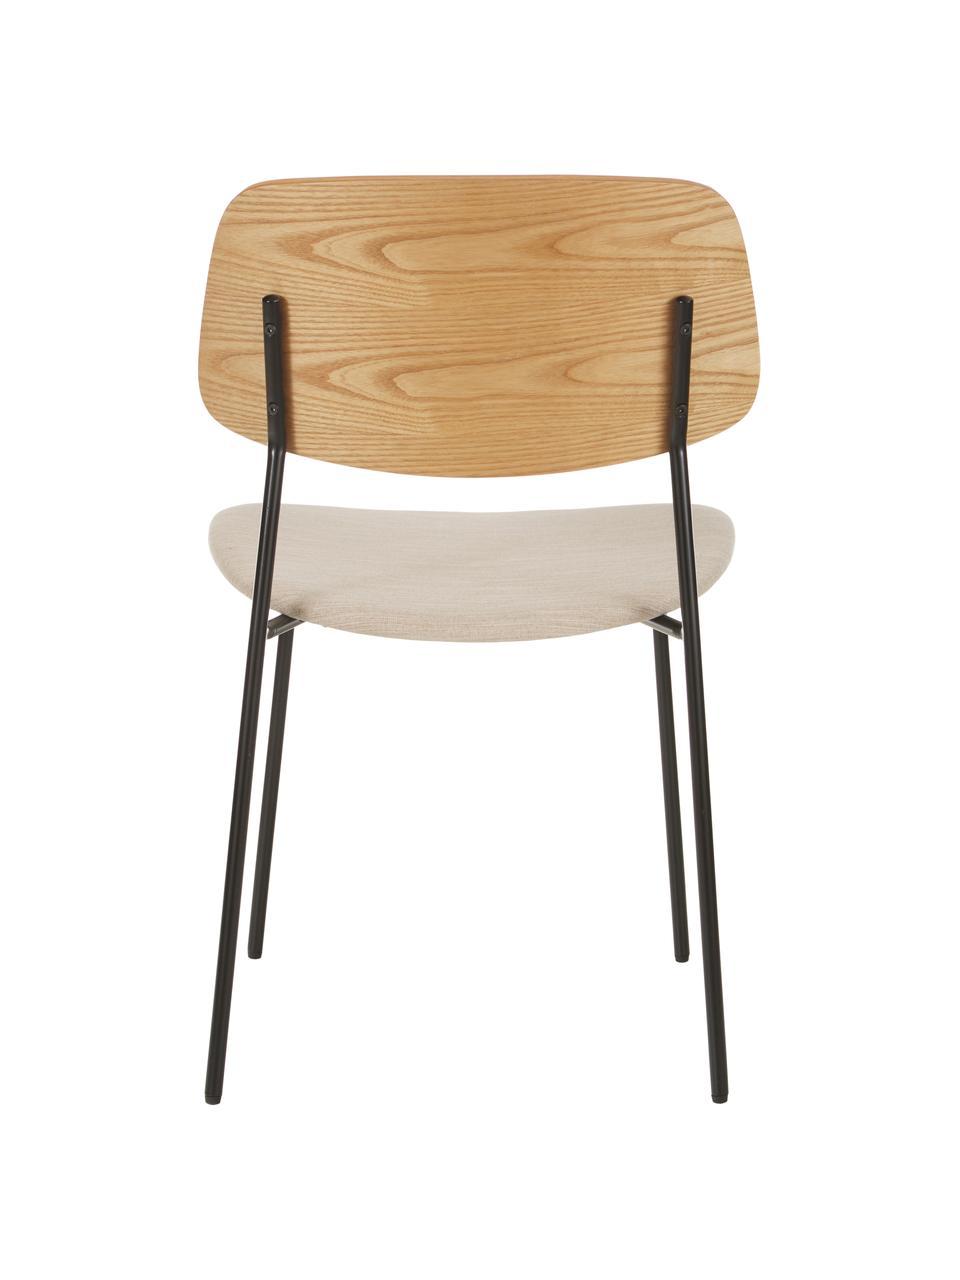 Krzesło z drewna z tapicerowanym siedziskiem Nadja, 2 szt., Tapicerka: poliester Dzięki tkaninie, Tapicerka: pianka, Nogi: metal malowany proszkowo, Beżowy, S 51 x G 52 cm